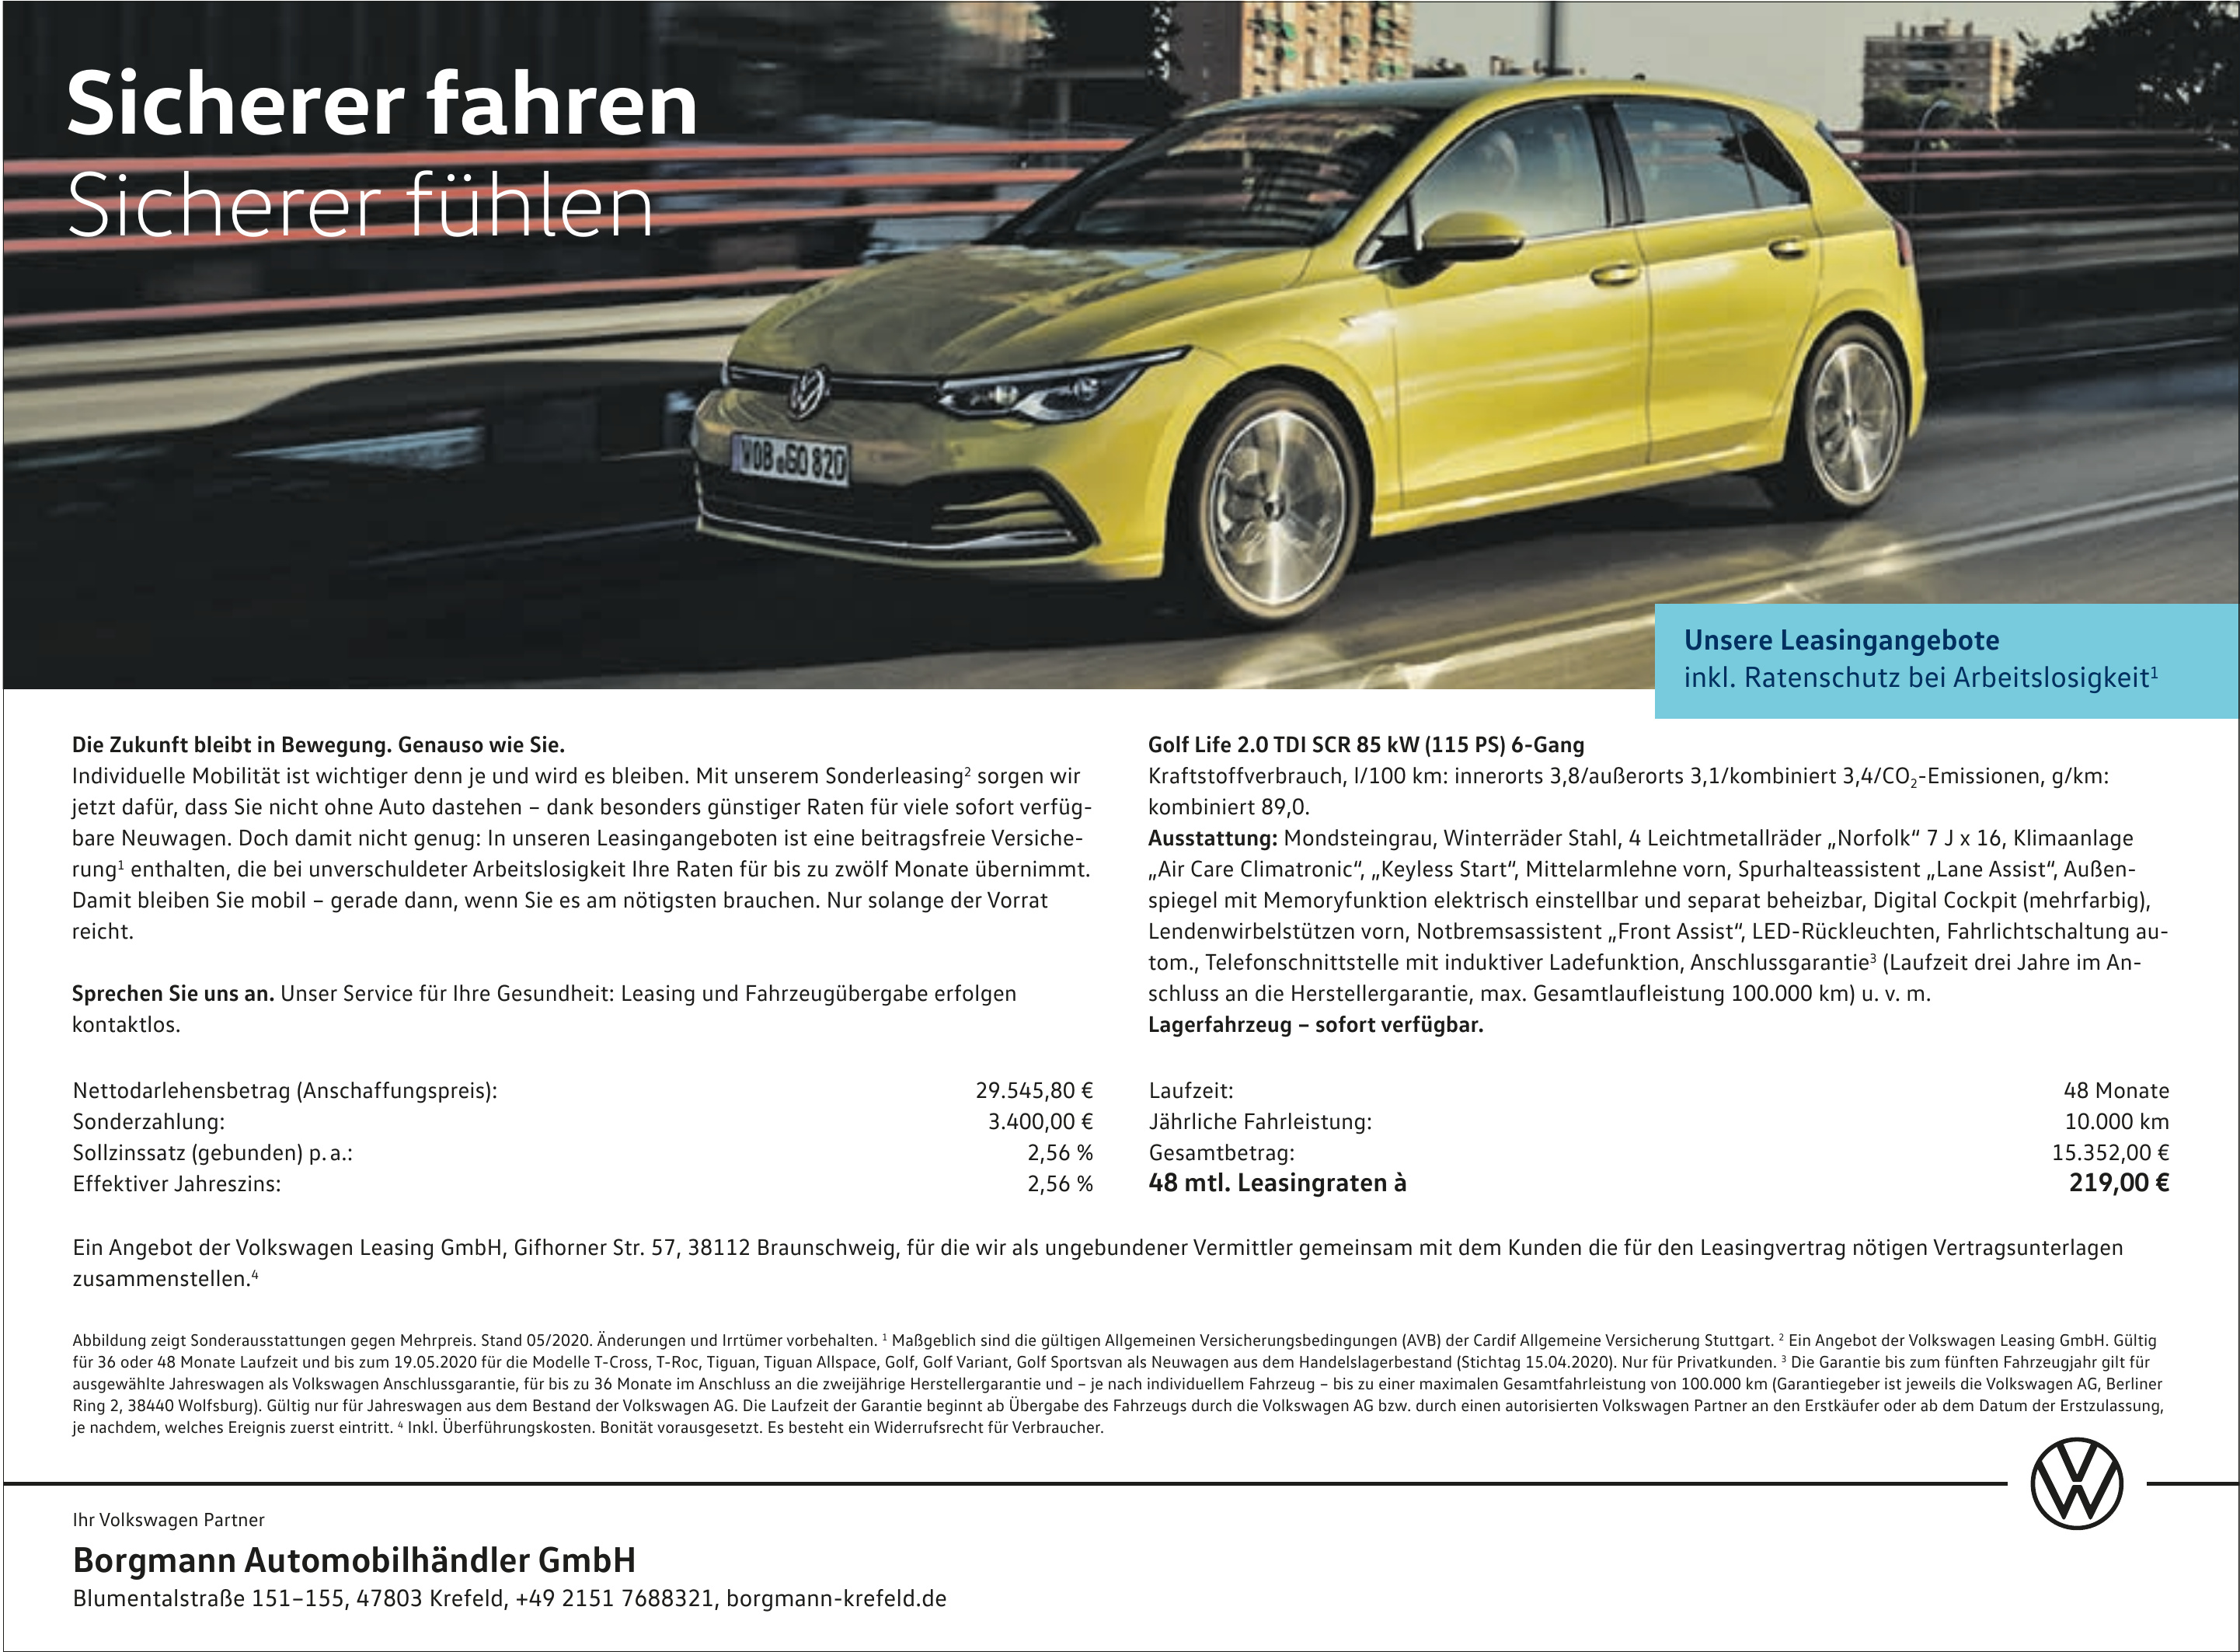 Borgmann Automobilhändler GmbH